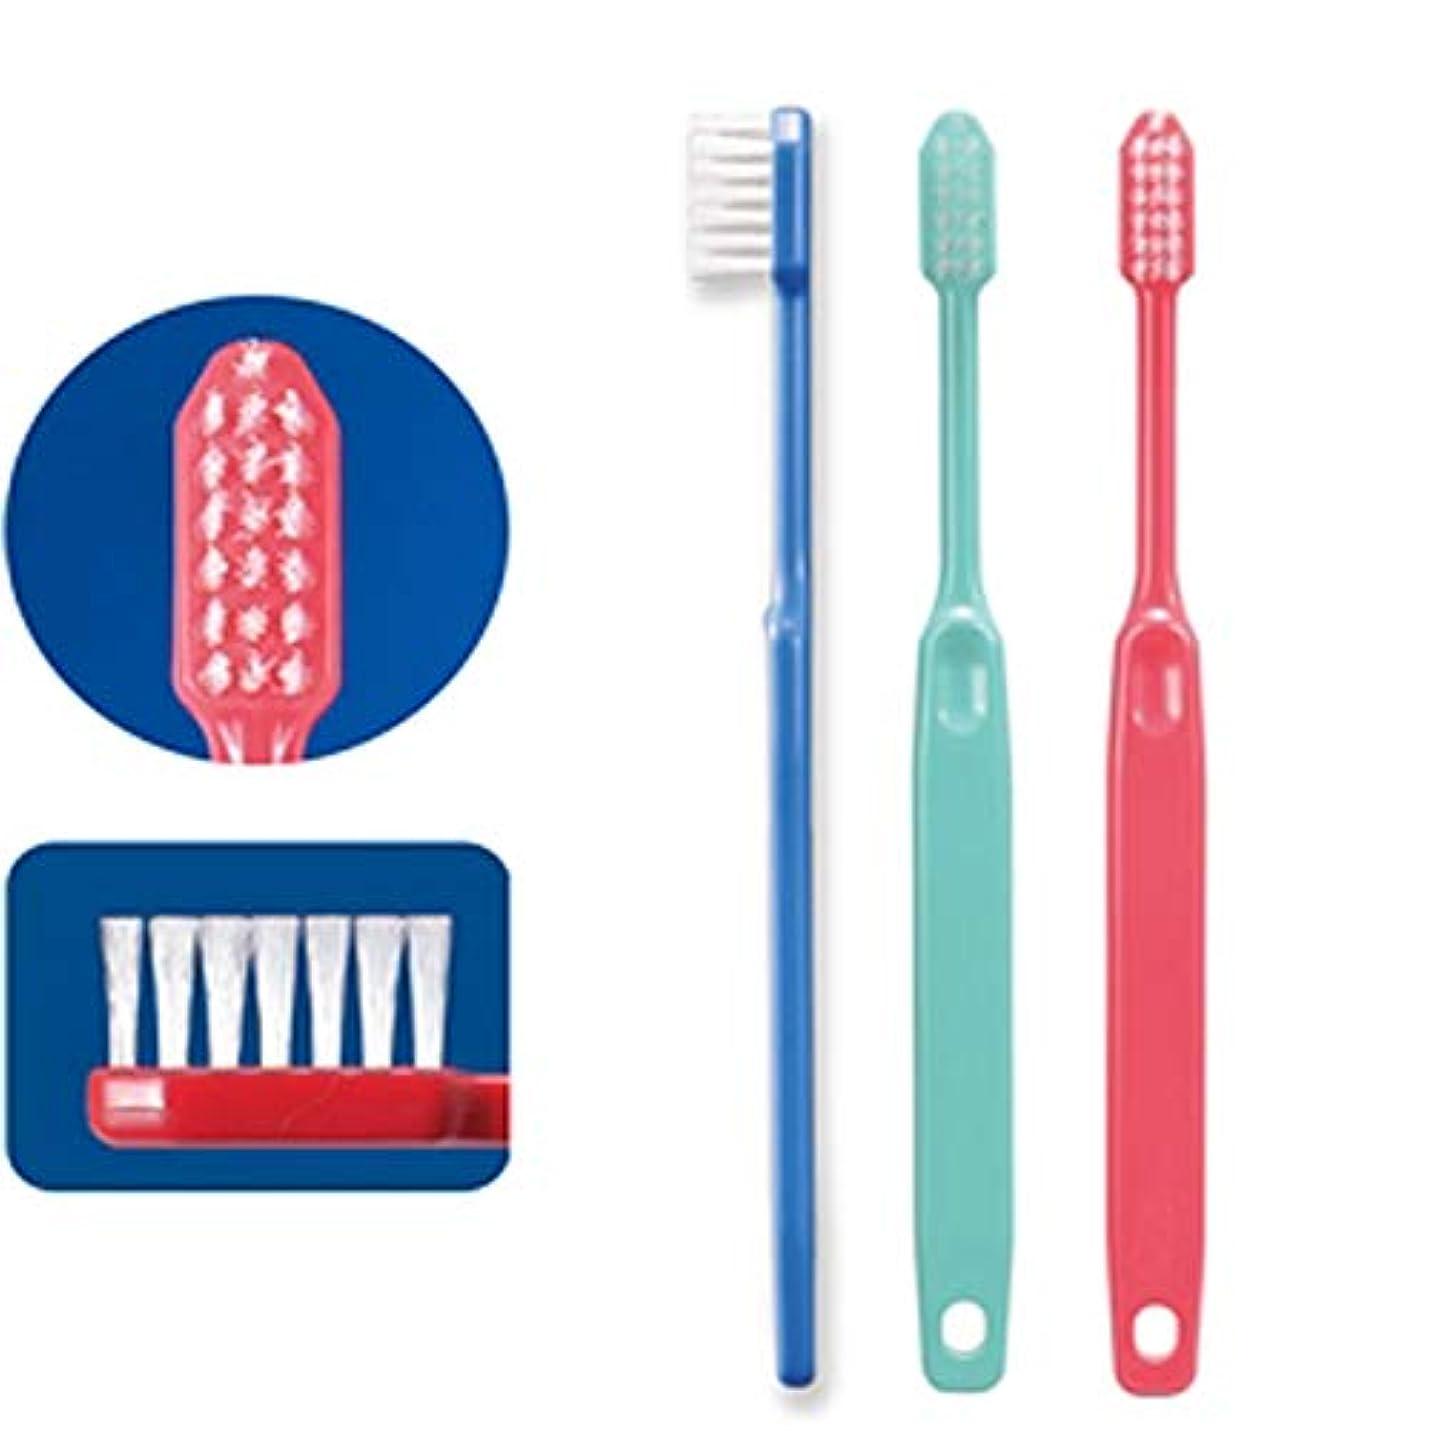 攻撃切るどちらかCi23(やややわらかめ)(疎毛タイプ)コンパクトヘッド歯ブラシ×10本 歯科専用